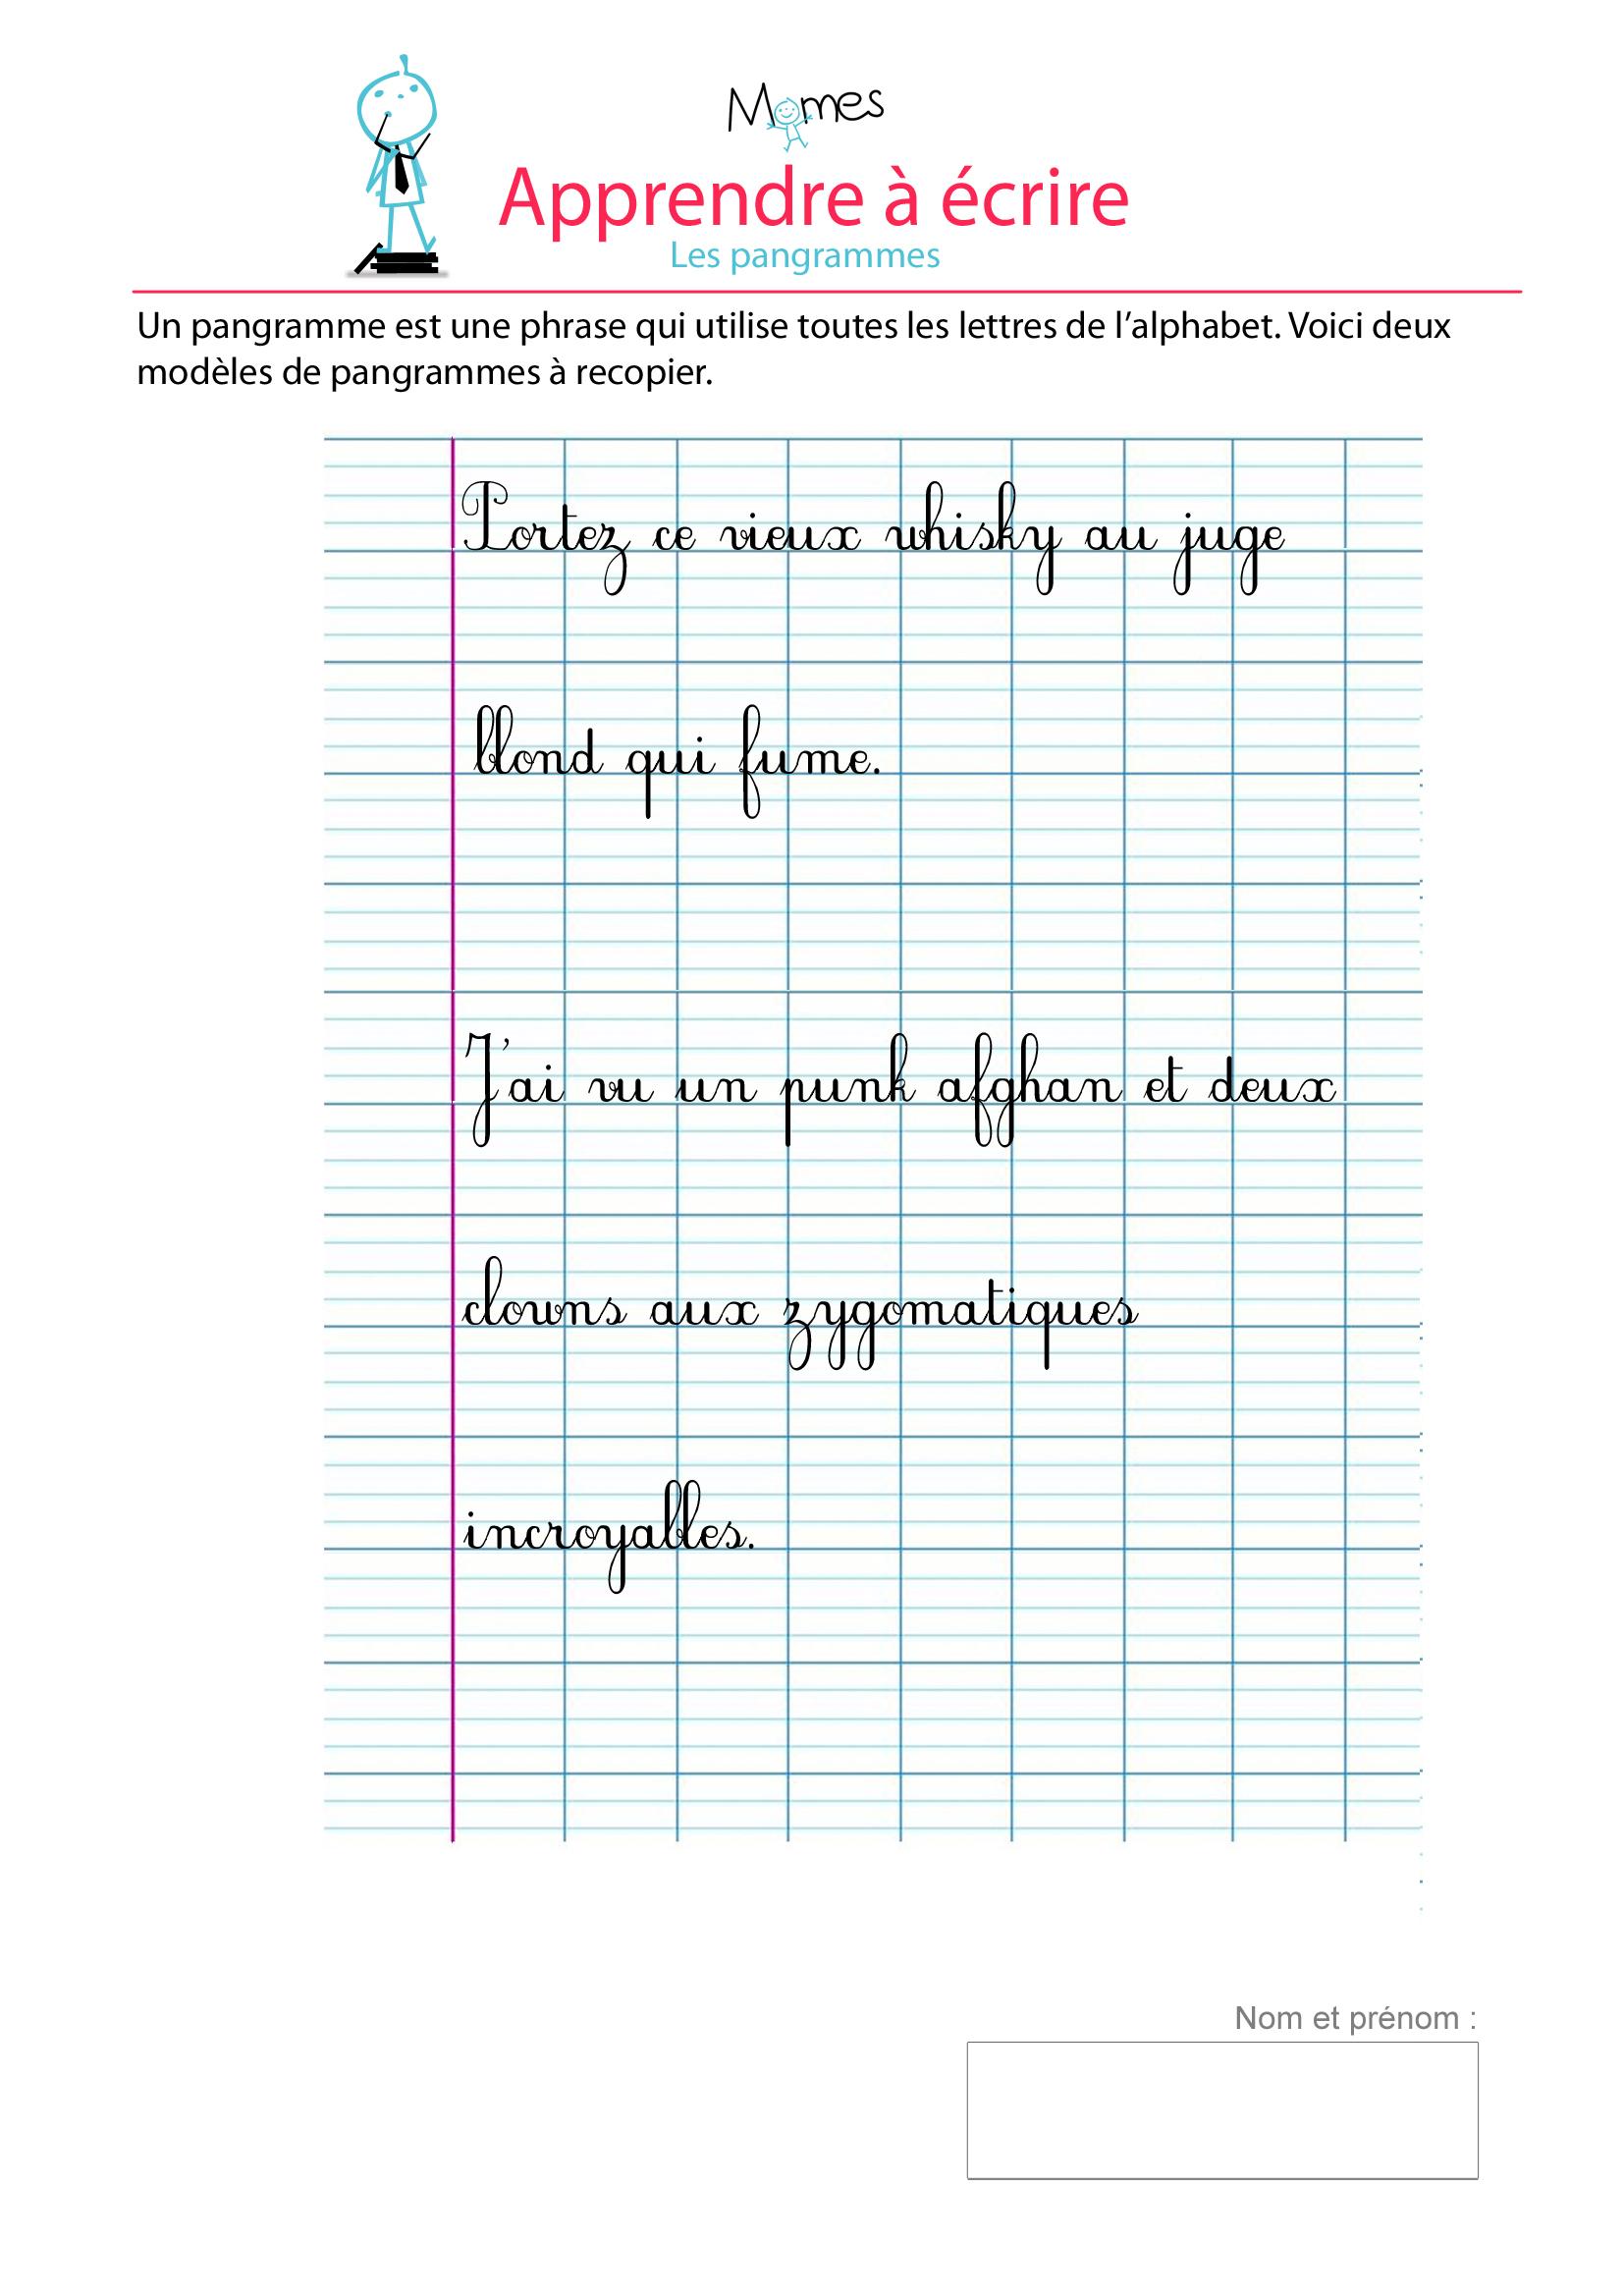 Souvent Pangrammes - exercice de modèle d'écriture - Momes.net AN32